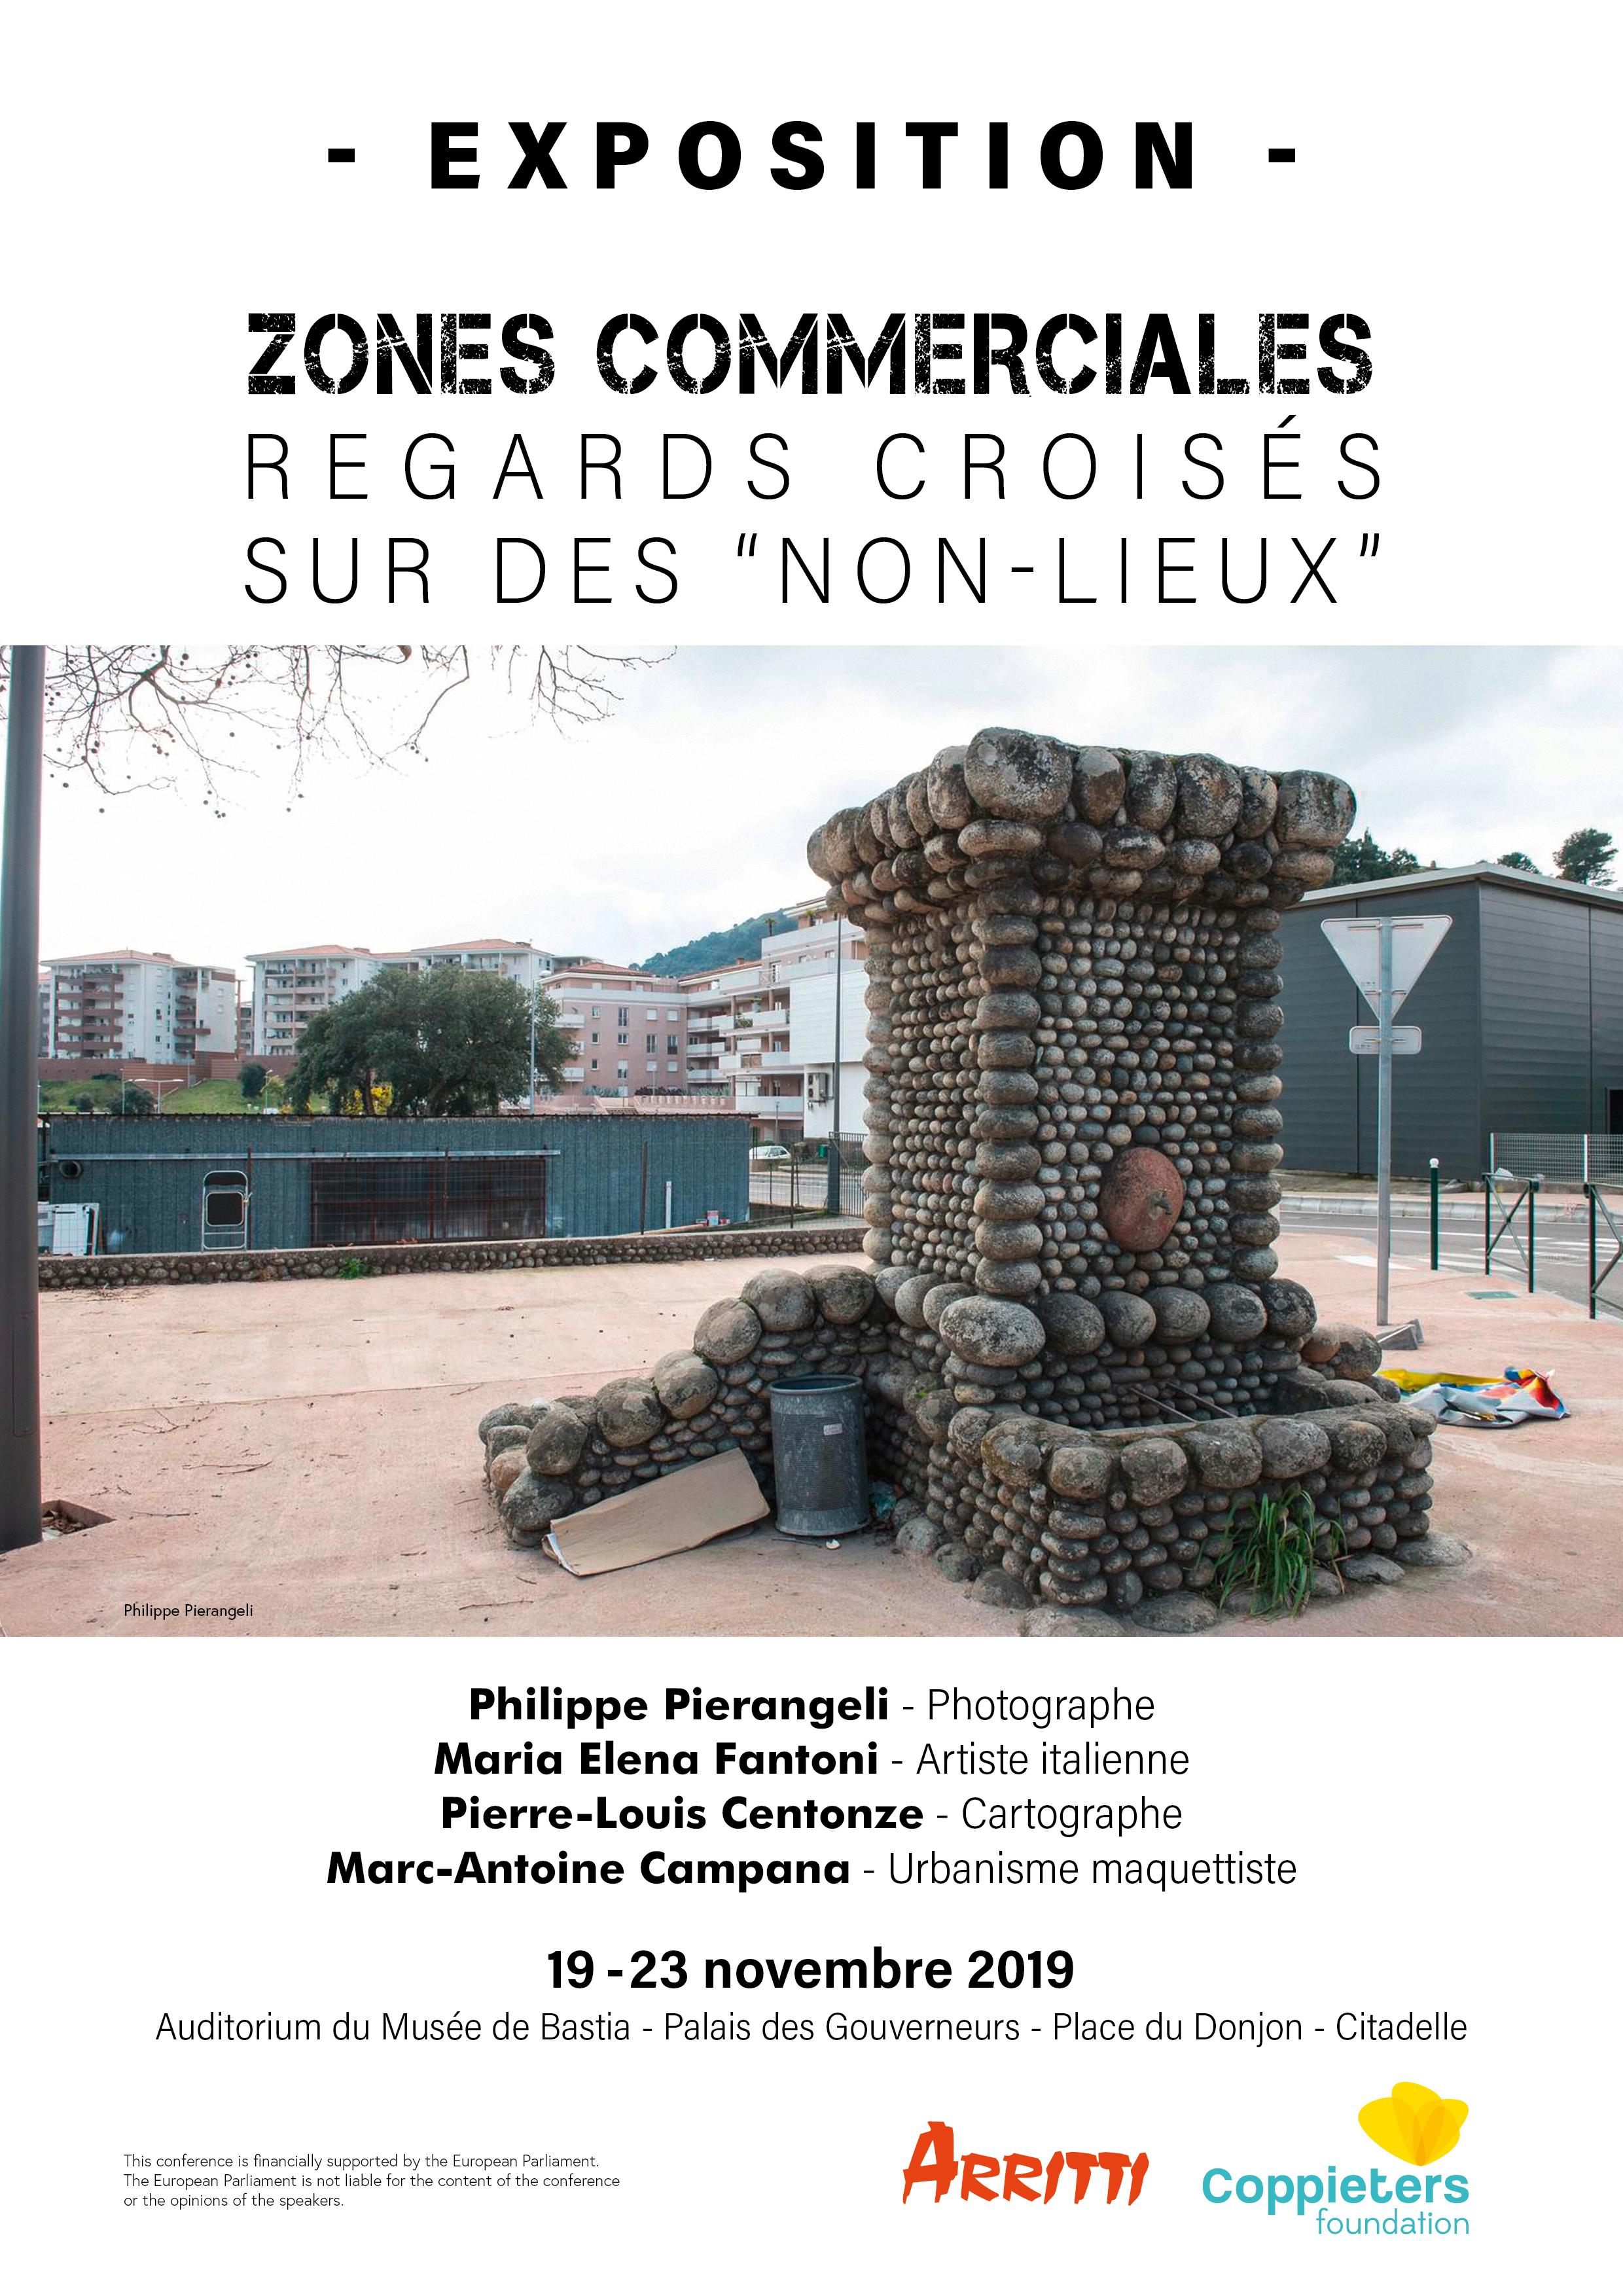 Centres commerciaux : La Fondation Coppieters met en scène l'impact de ces zones de « non-lieux »